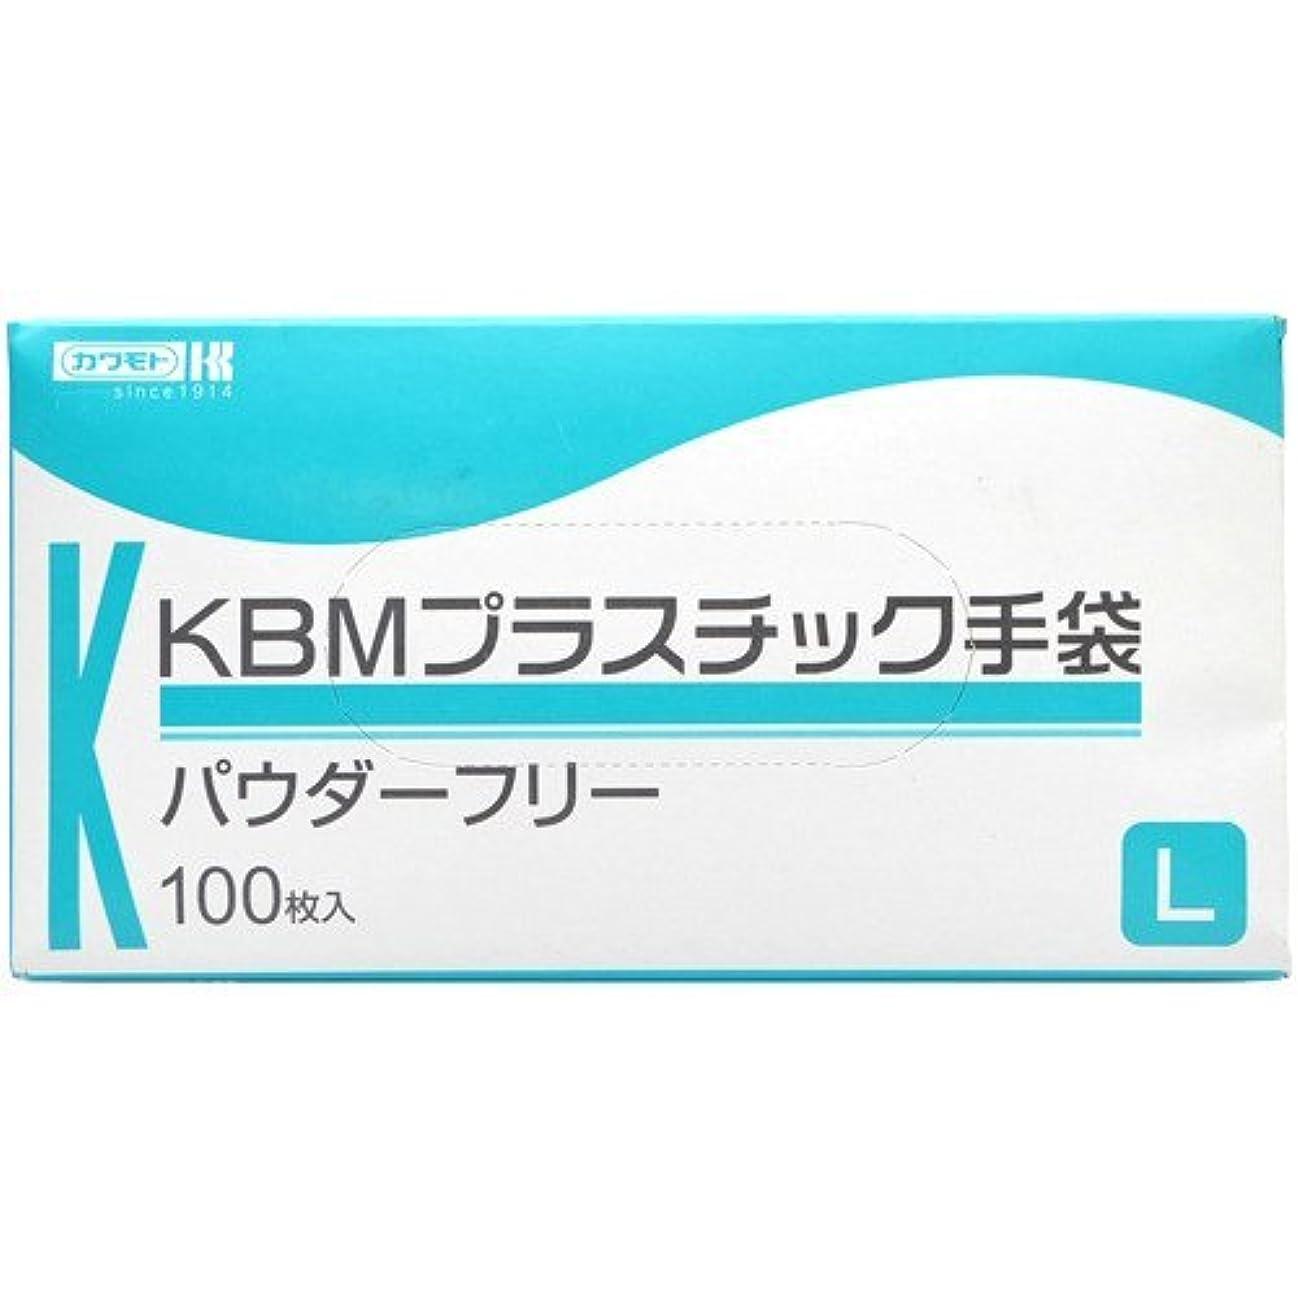 思想倒産水星川本産業 KBMプラスチック手袋 パウダーフリー L 100枚入